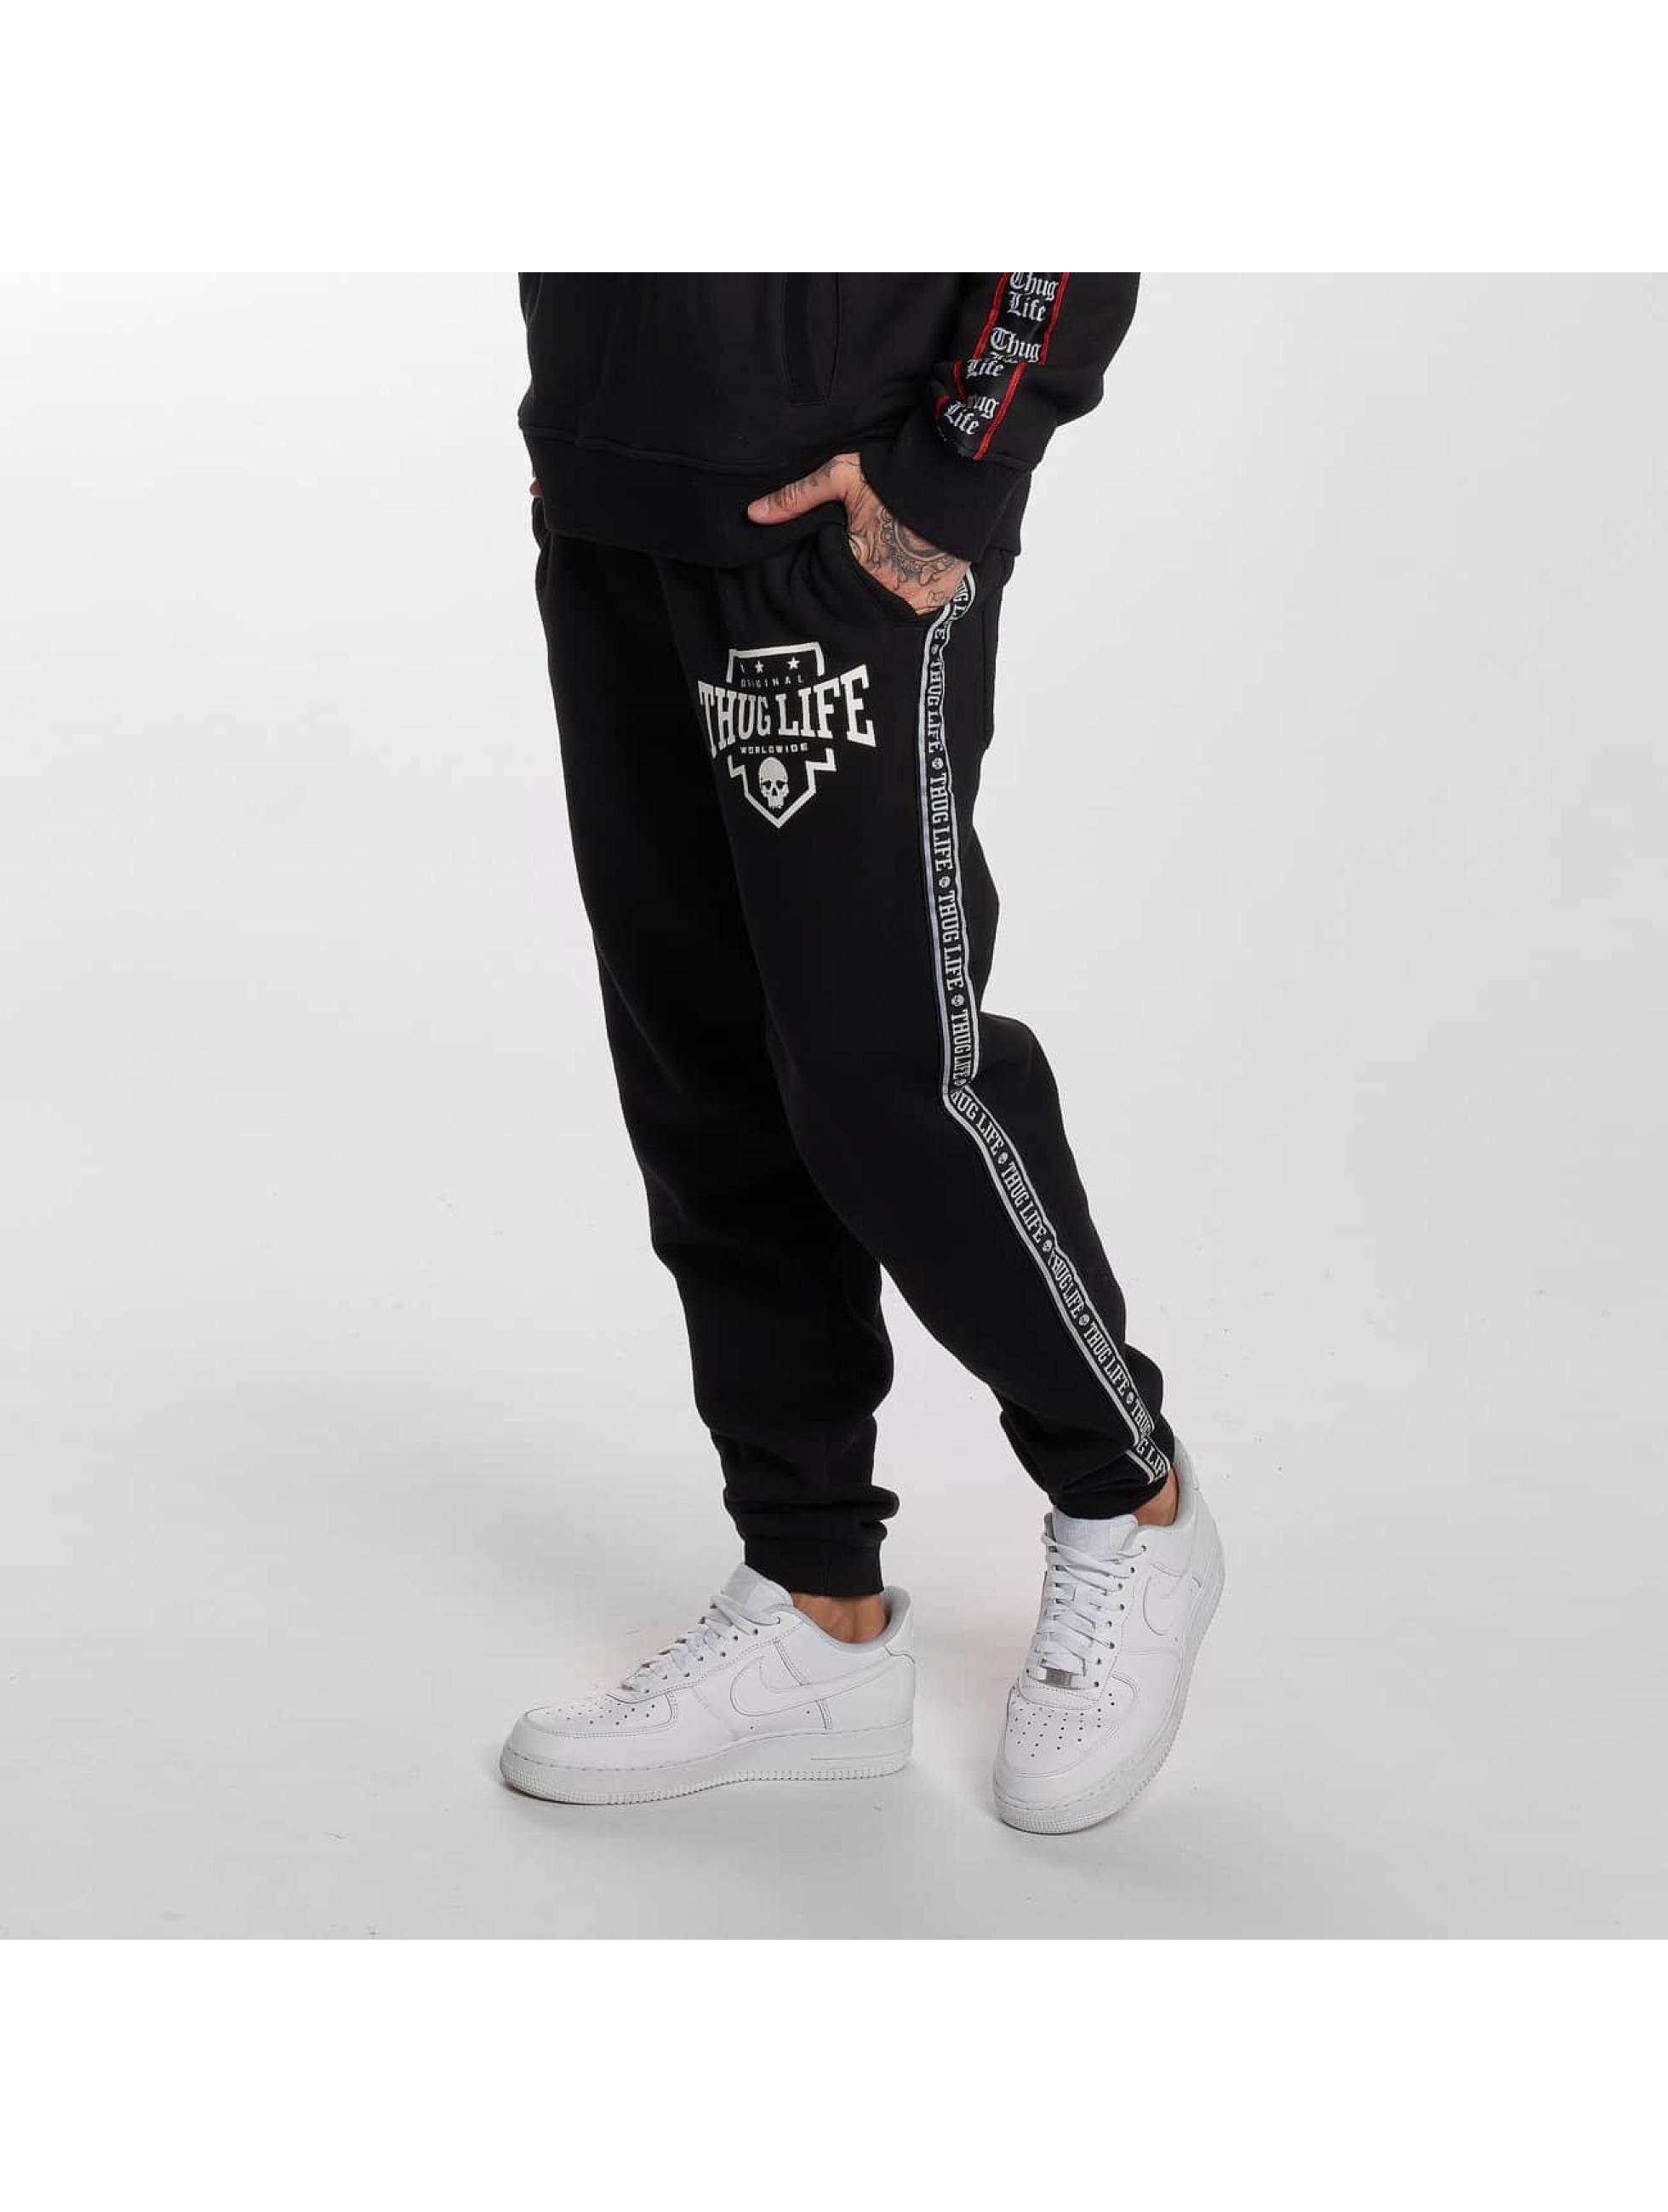 Thug Life / Sweat Pant Worldwide in black XL